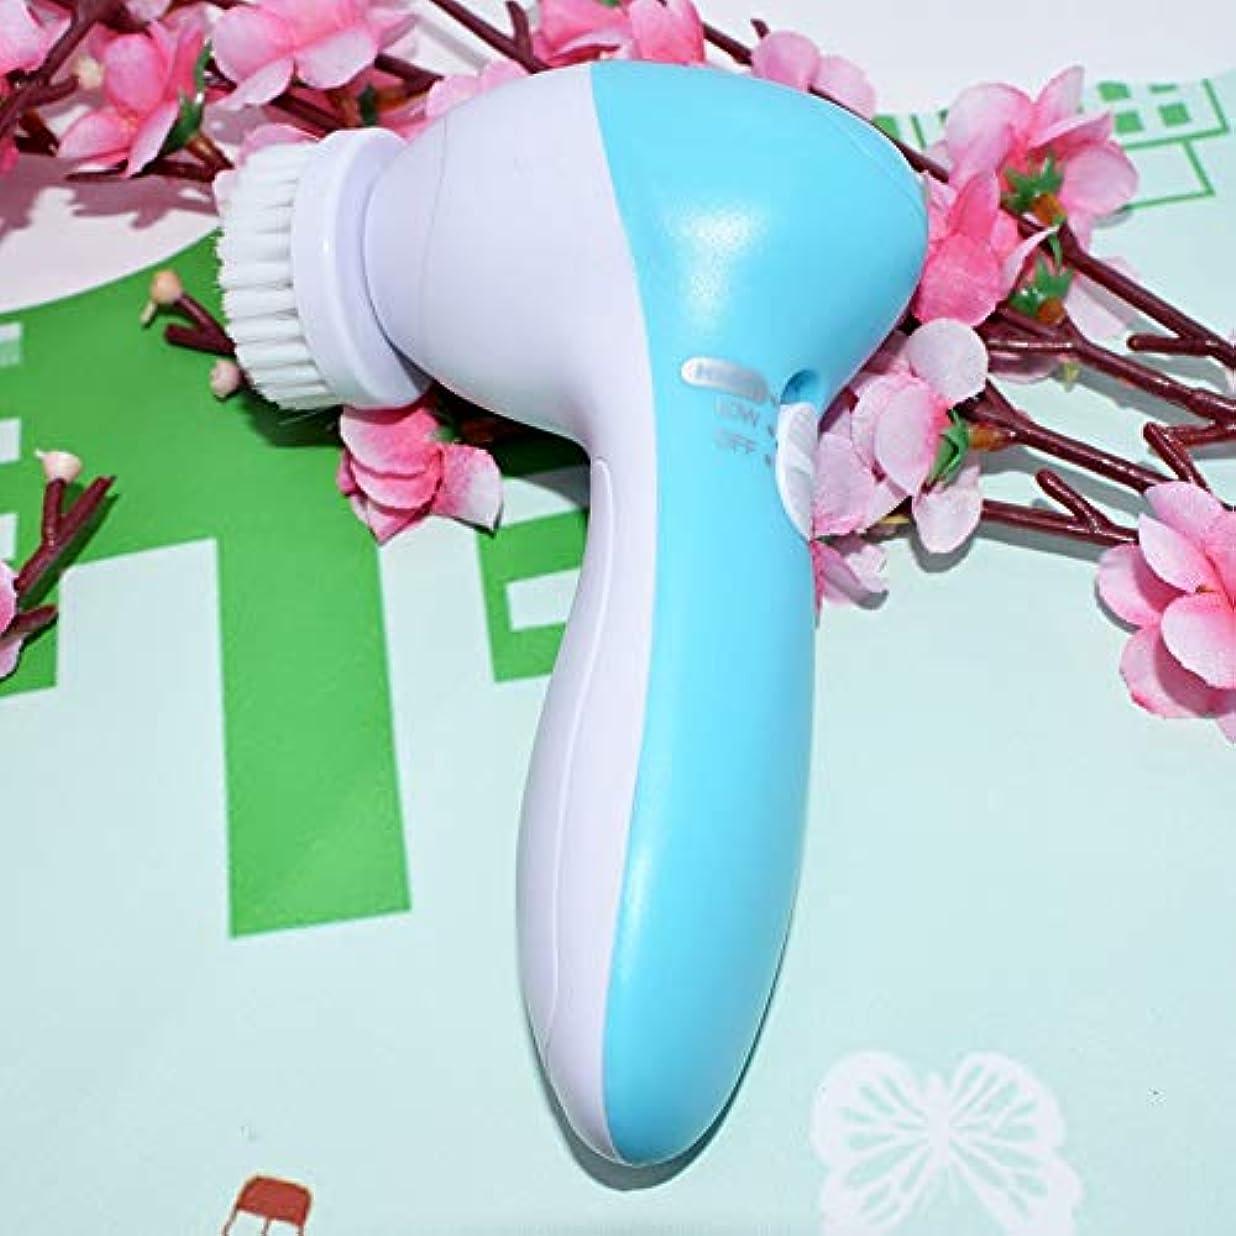 落ちた居心地の良いスポンサーLYX 5-IN-1防水?フェイシャルクリーニングブラシ、回転電気美容機器毛穴クリーナーマッサージャークレンジング洗顔フェイス(配達バッテリー) (Color : 青)